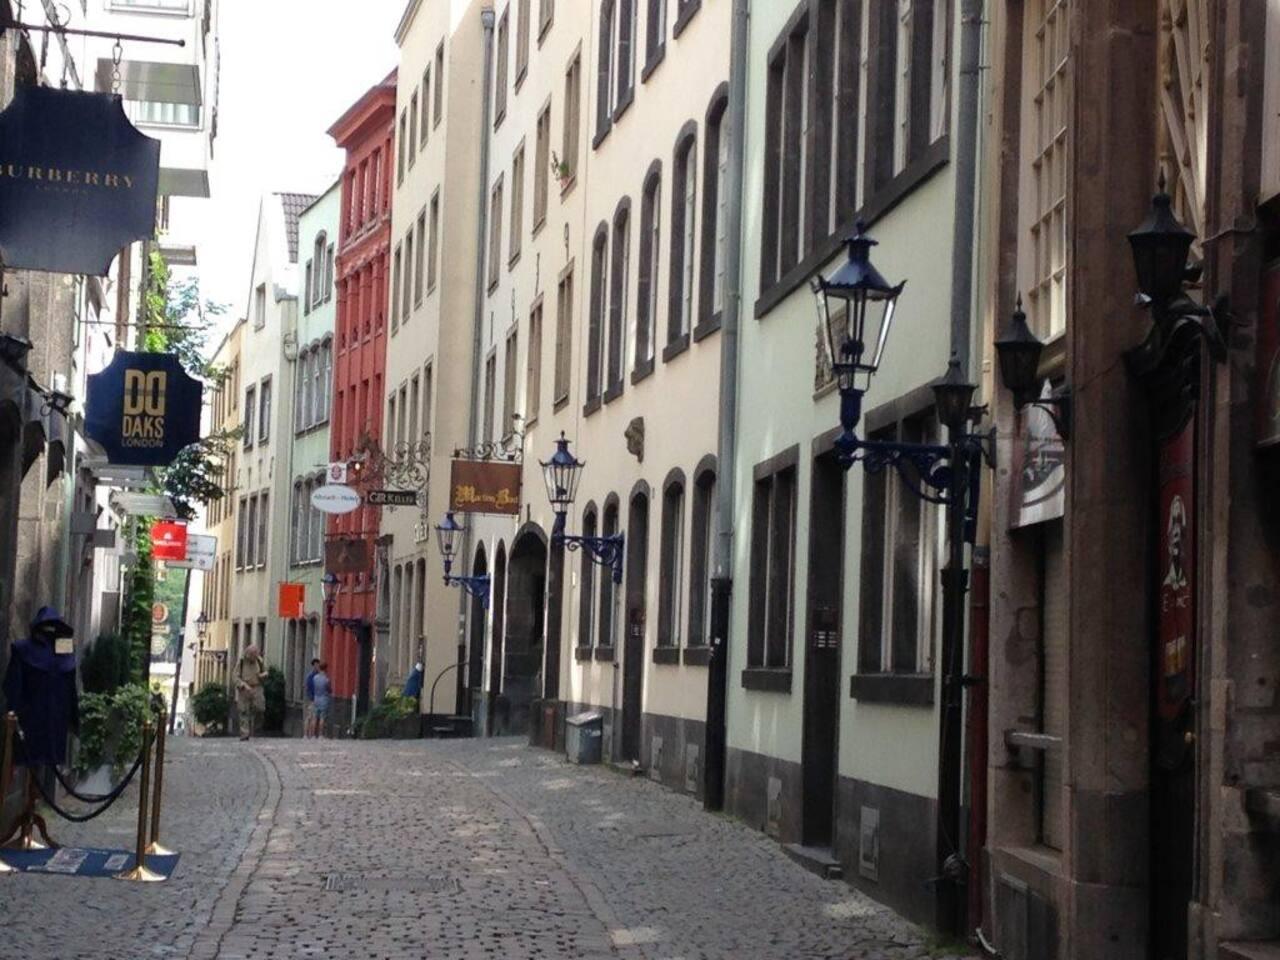 Romantik pur in der Kölner Altstadt